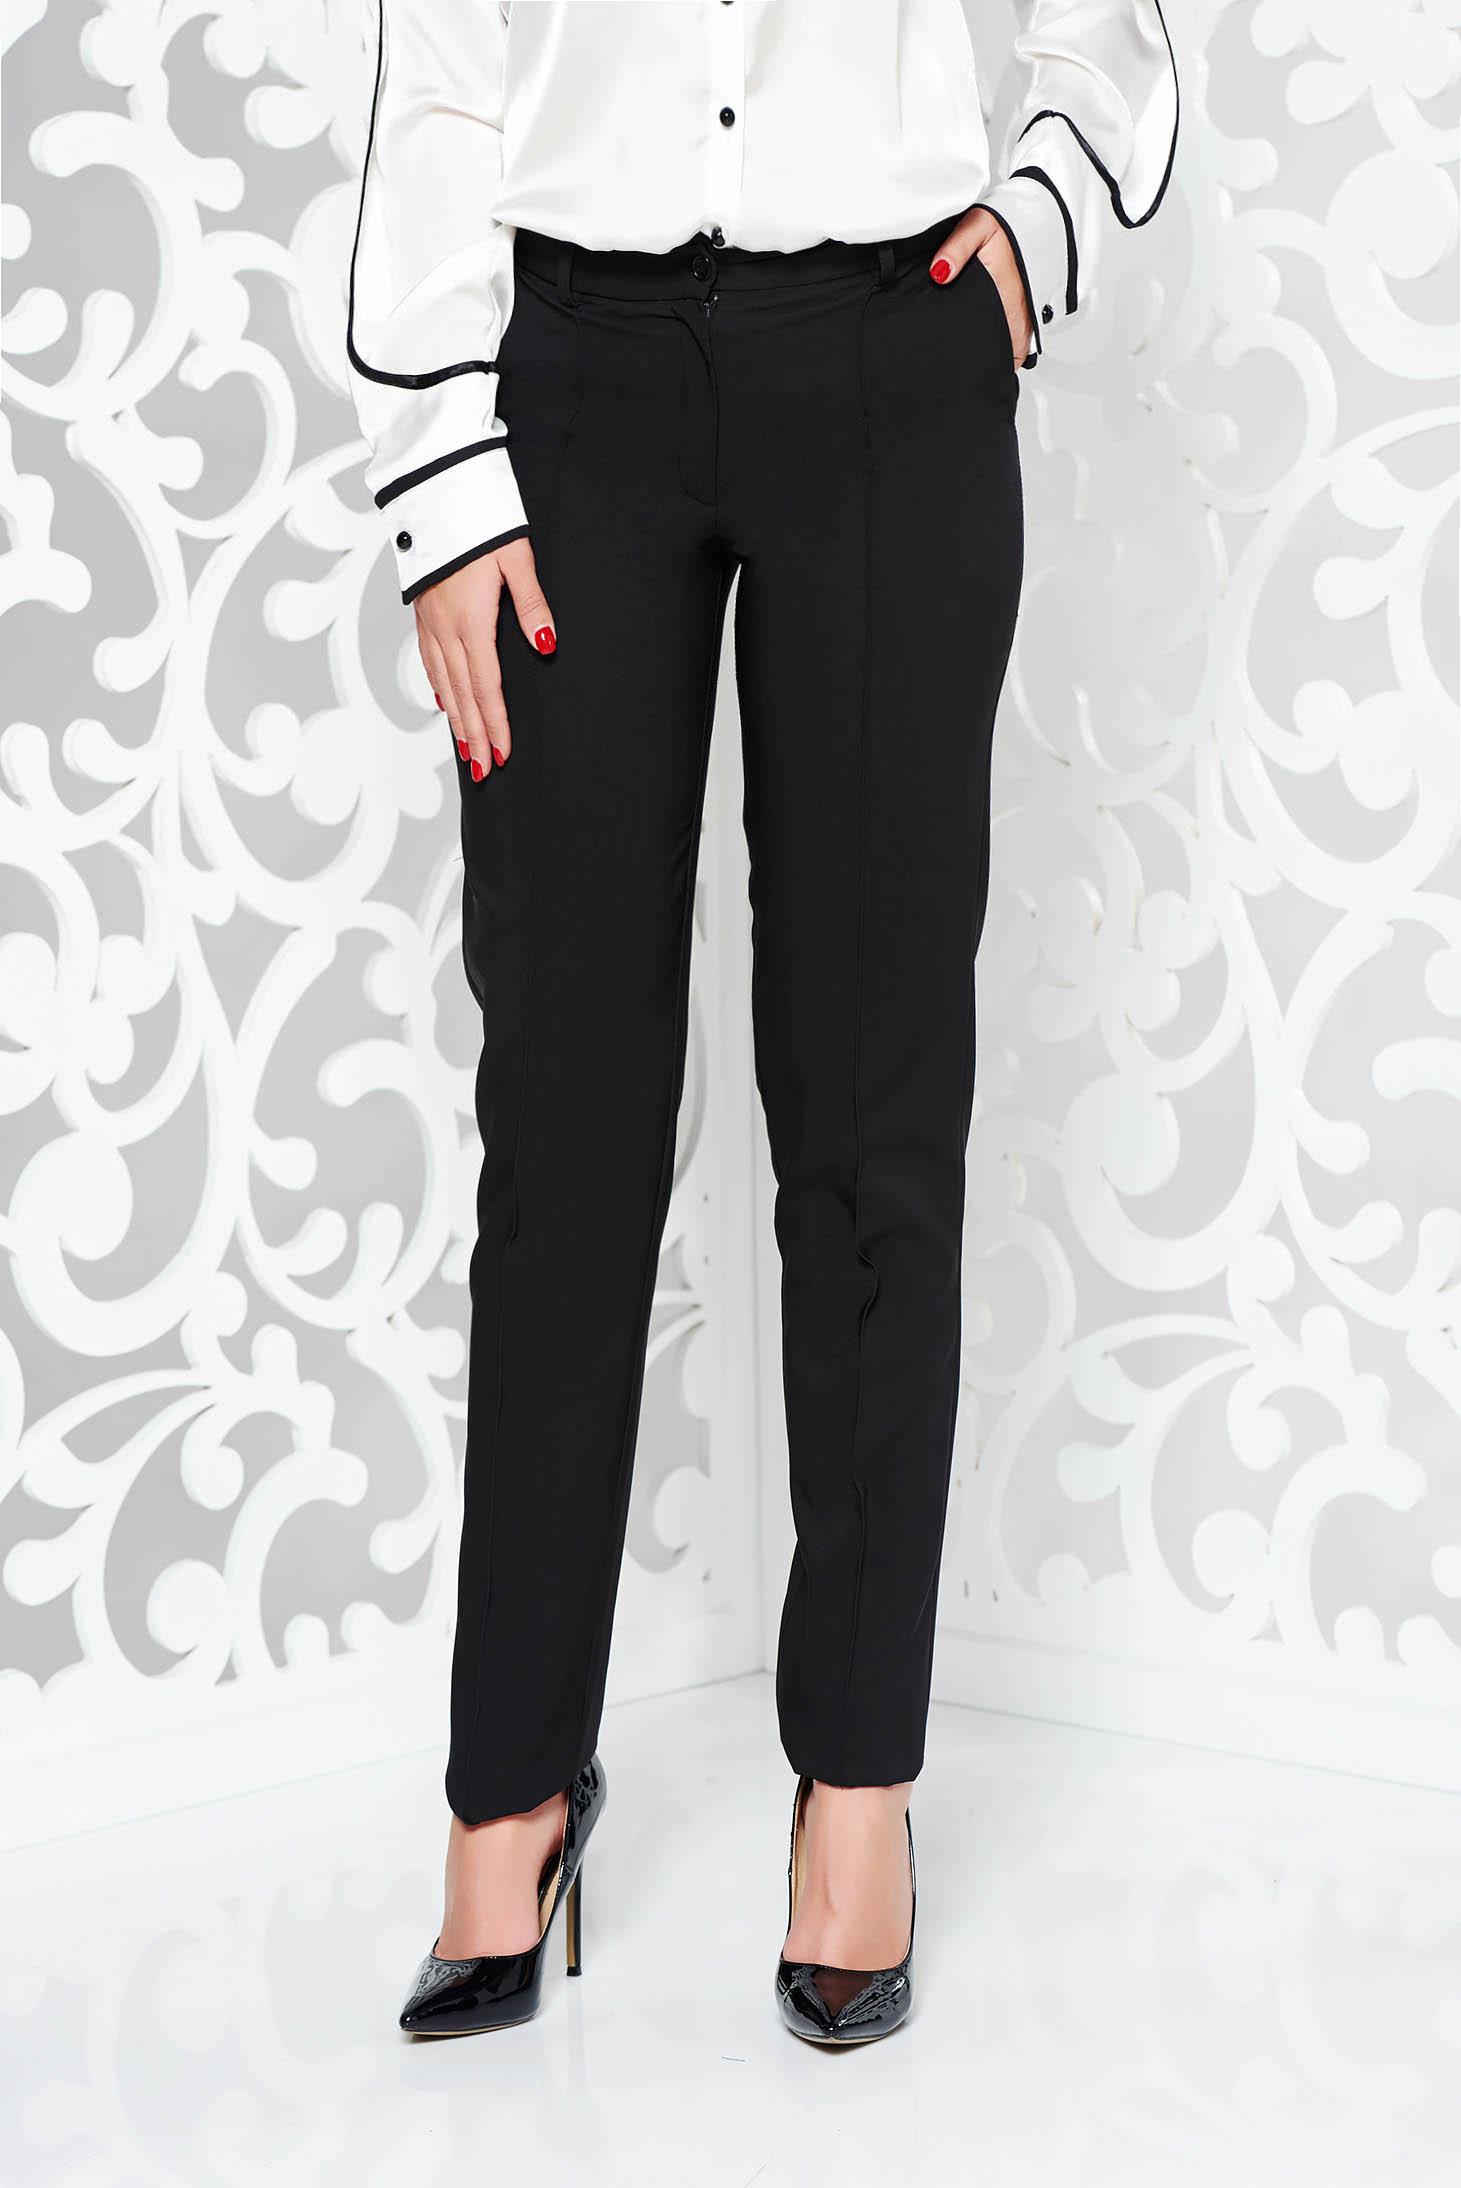 Pantaloni LaDonna negri office conici din stofa usor elastica cu talie medie si buzunare